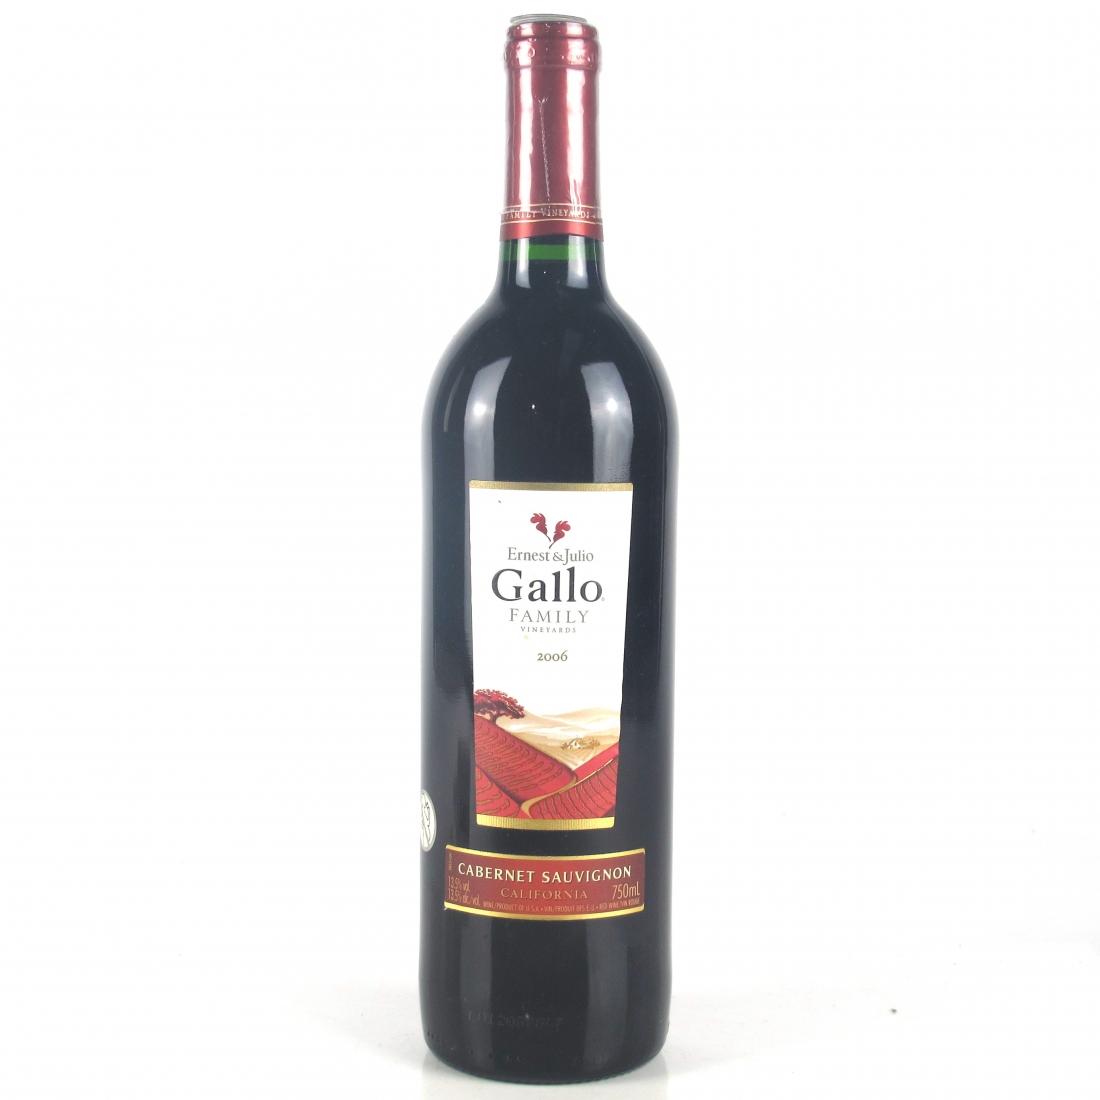 Gallo Cabernet Sauvignon 2006 California